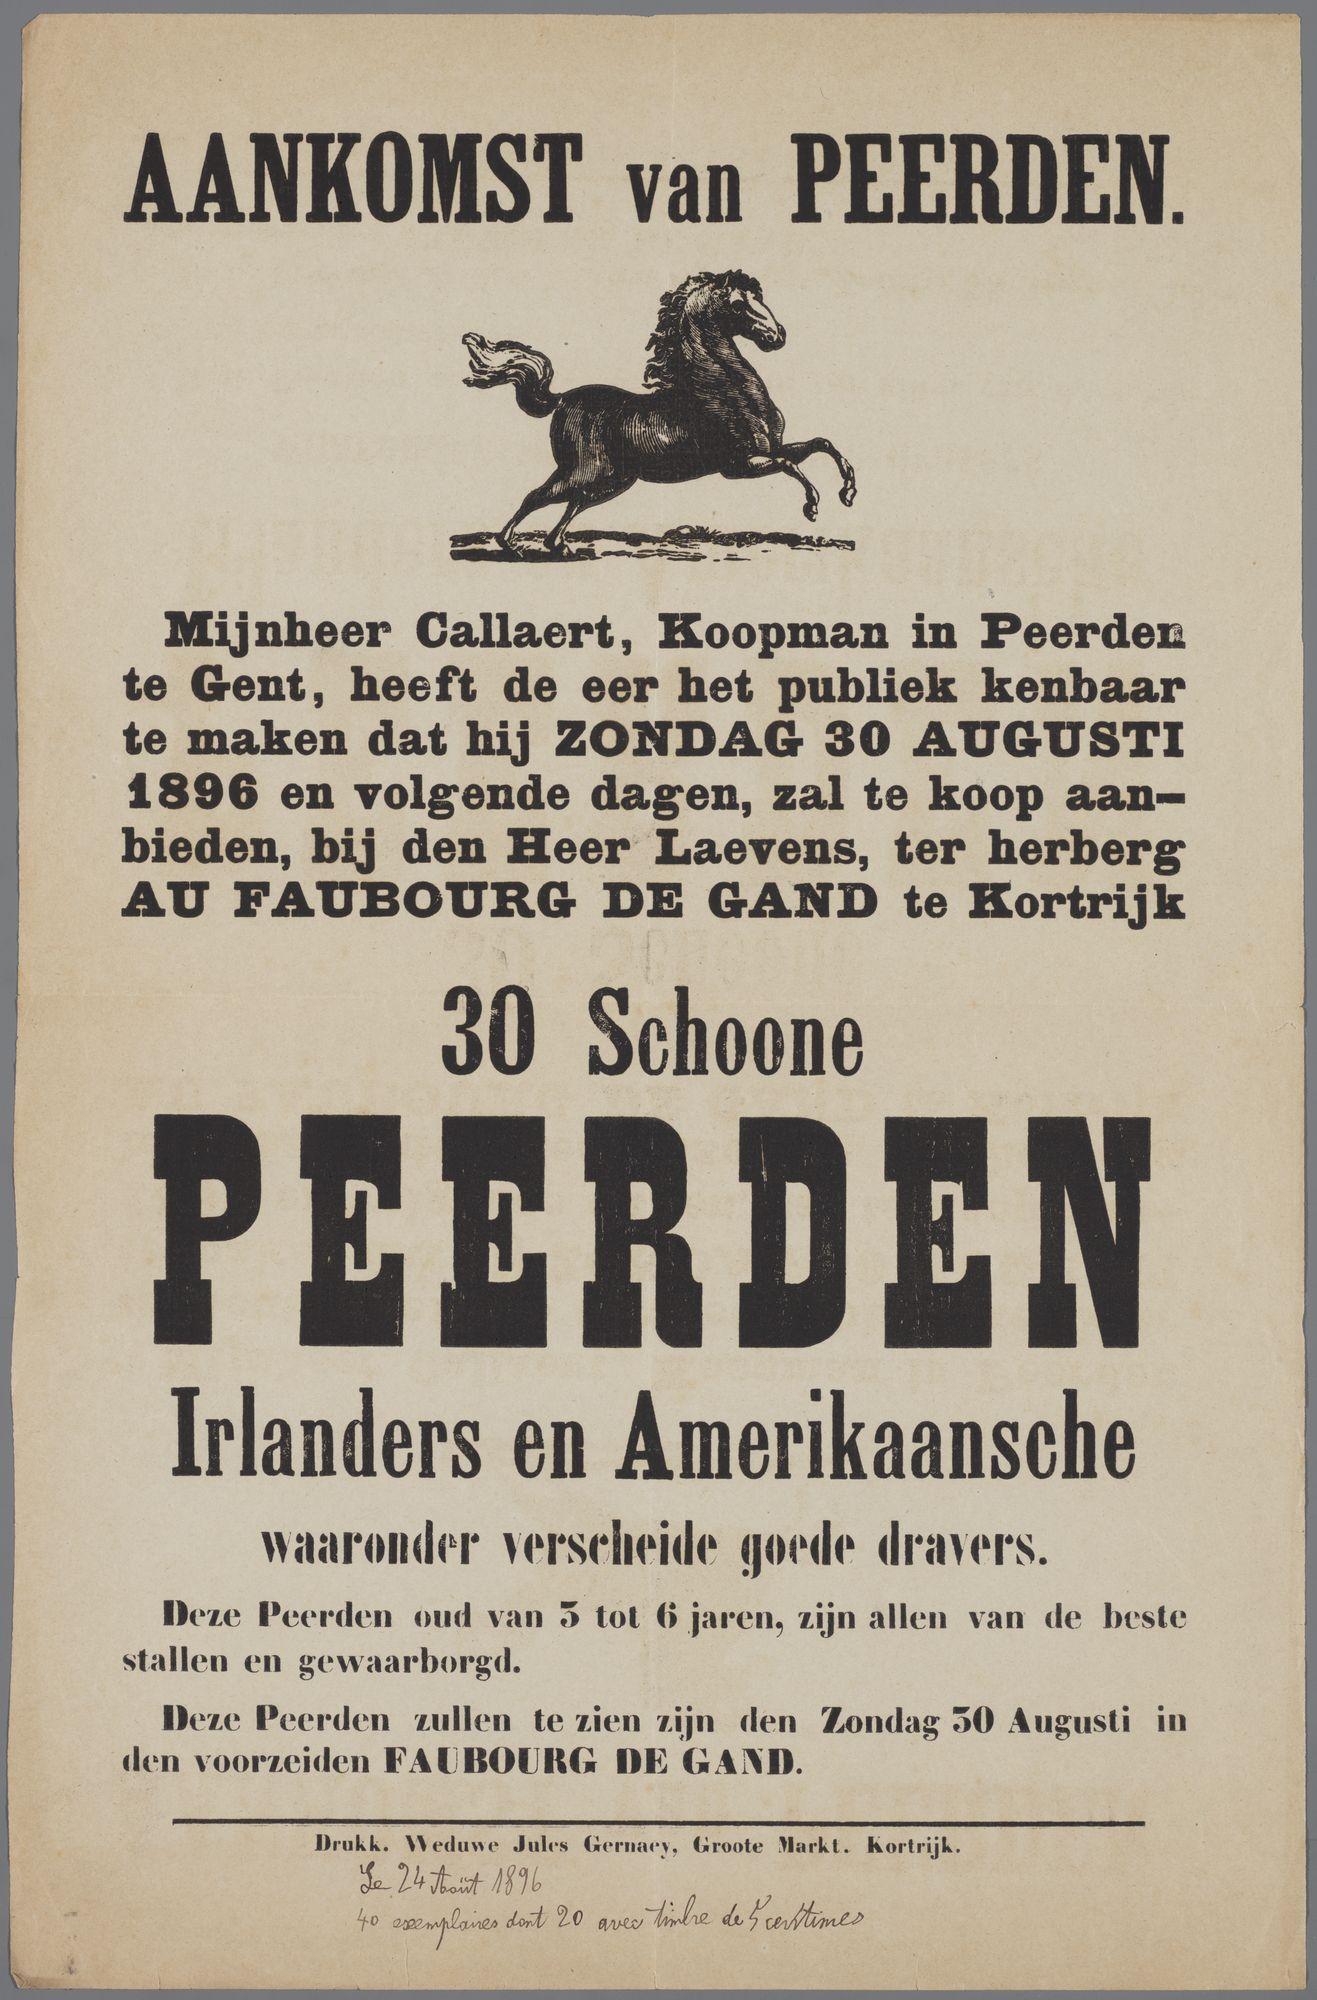 Verkoop van paarden 1896